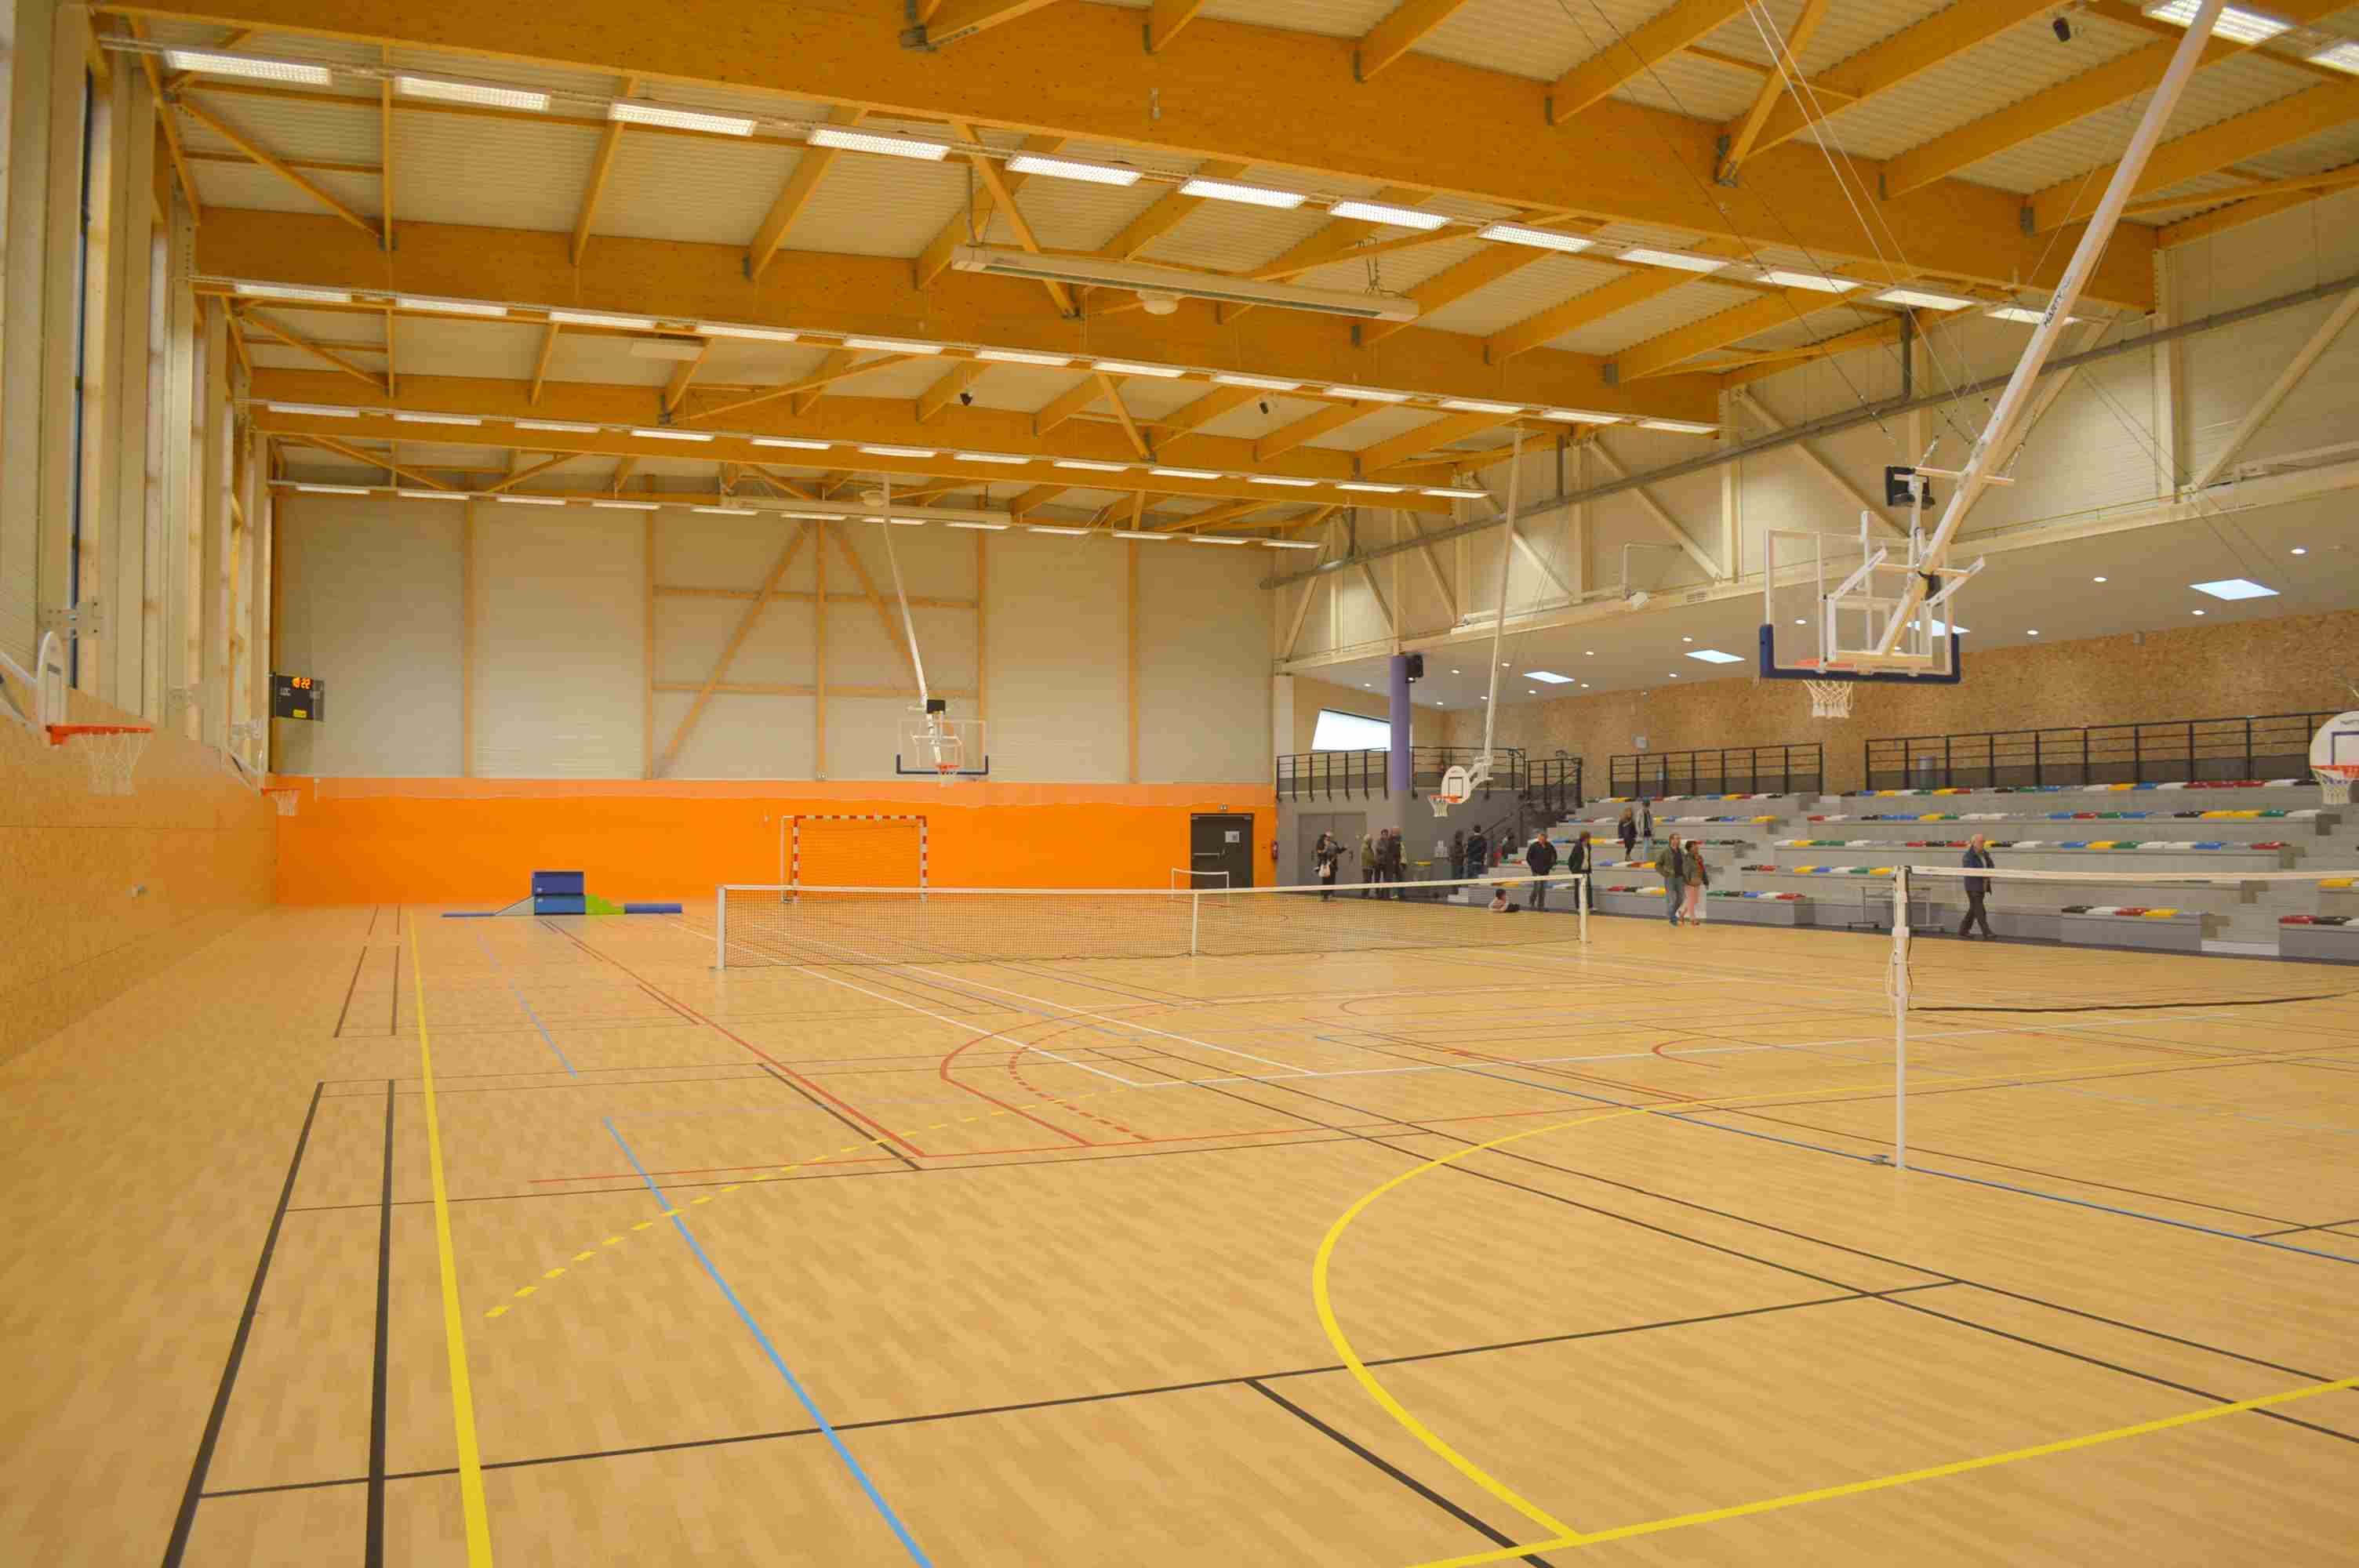 Salle-de-sport-Plélo-intérieur